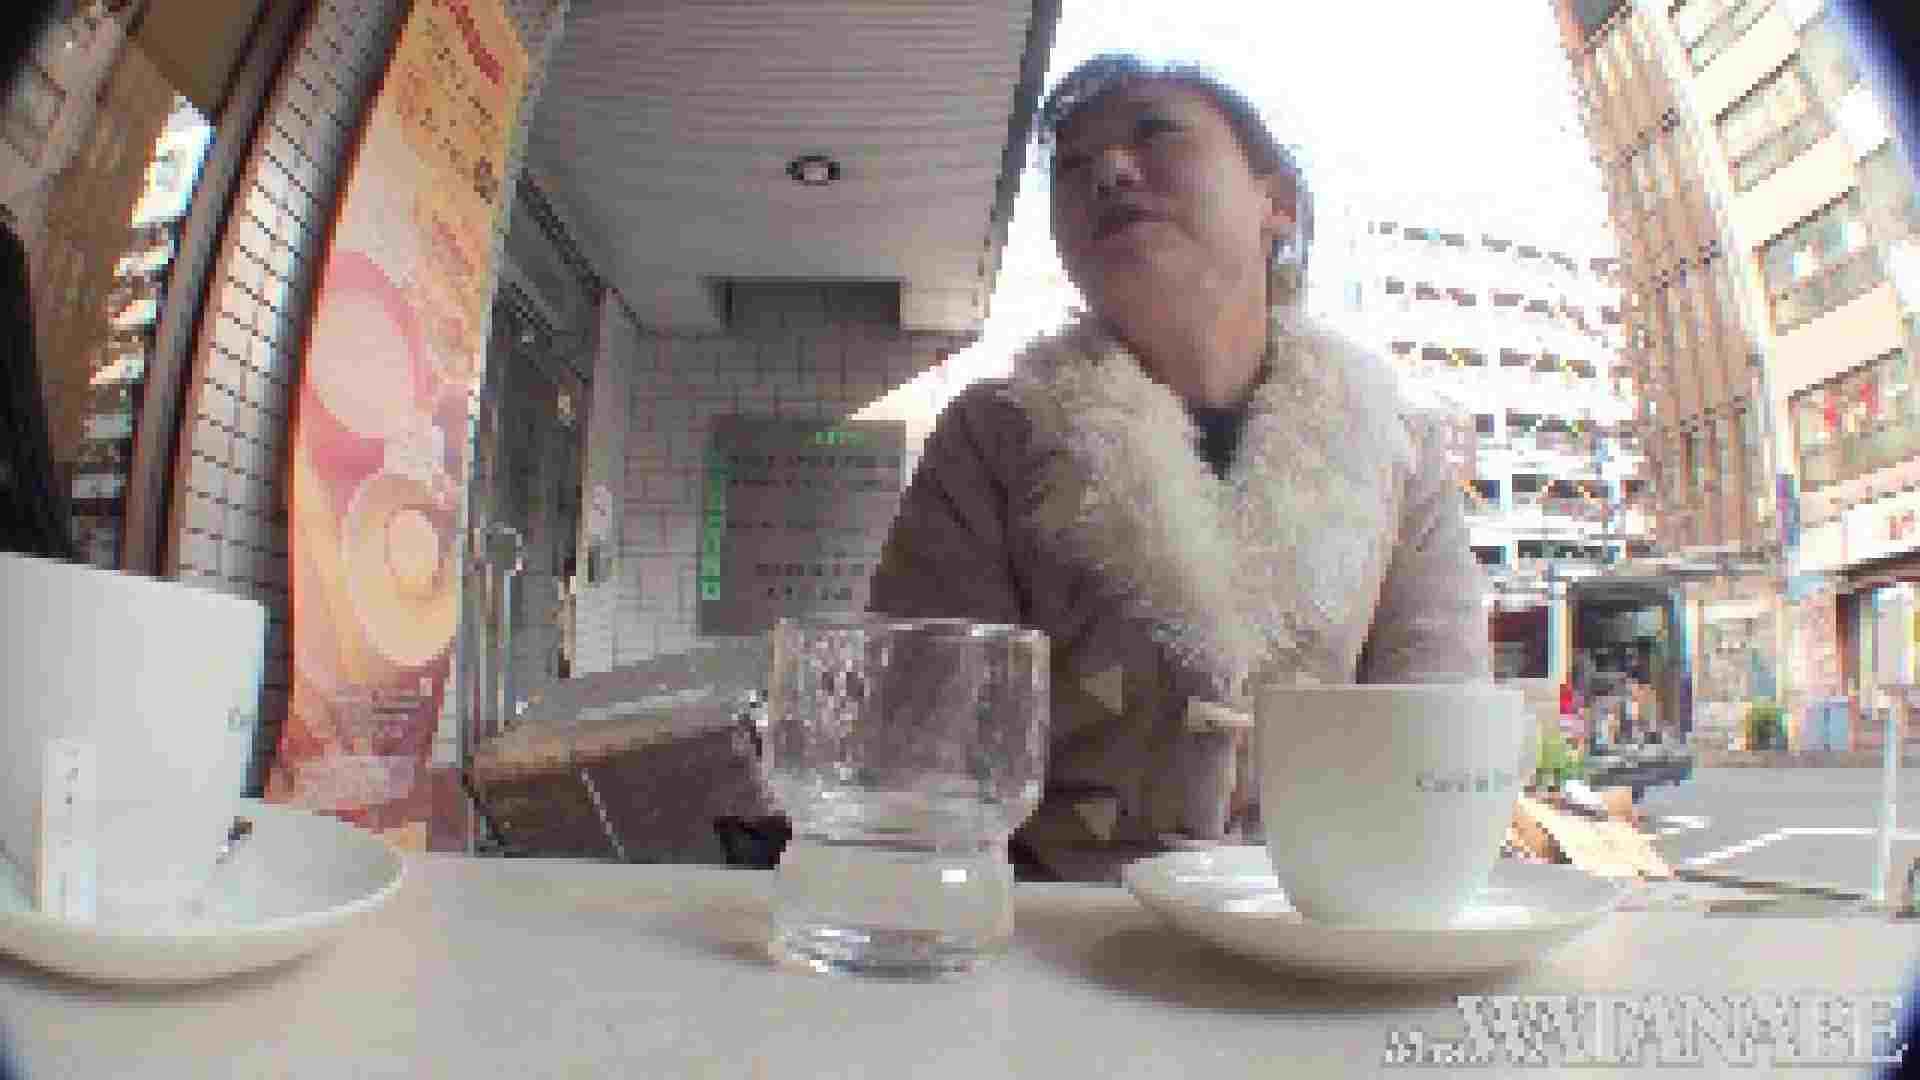 撮影スタッフを誘惑する痴熟女 かおり40歳 Vol.01 素人 | HなOL  67pic 61